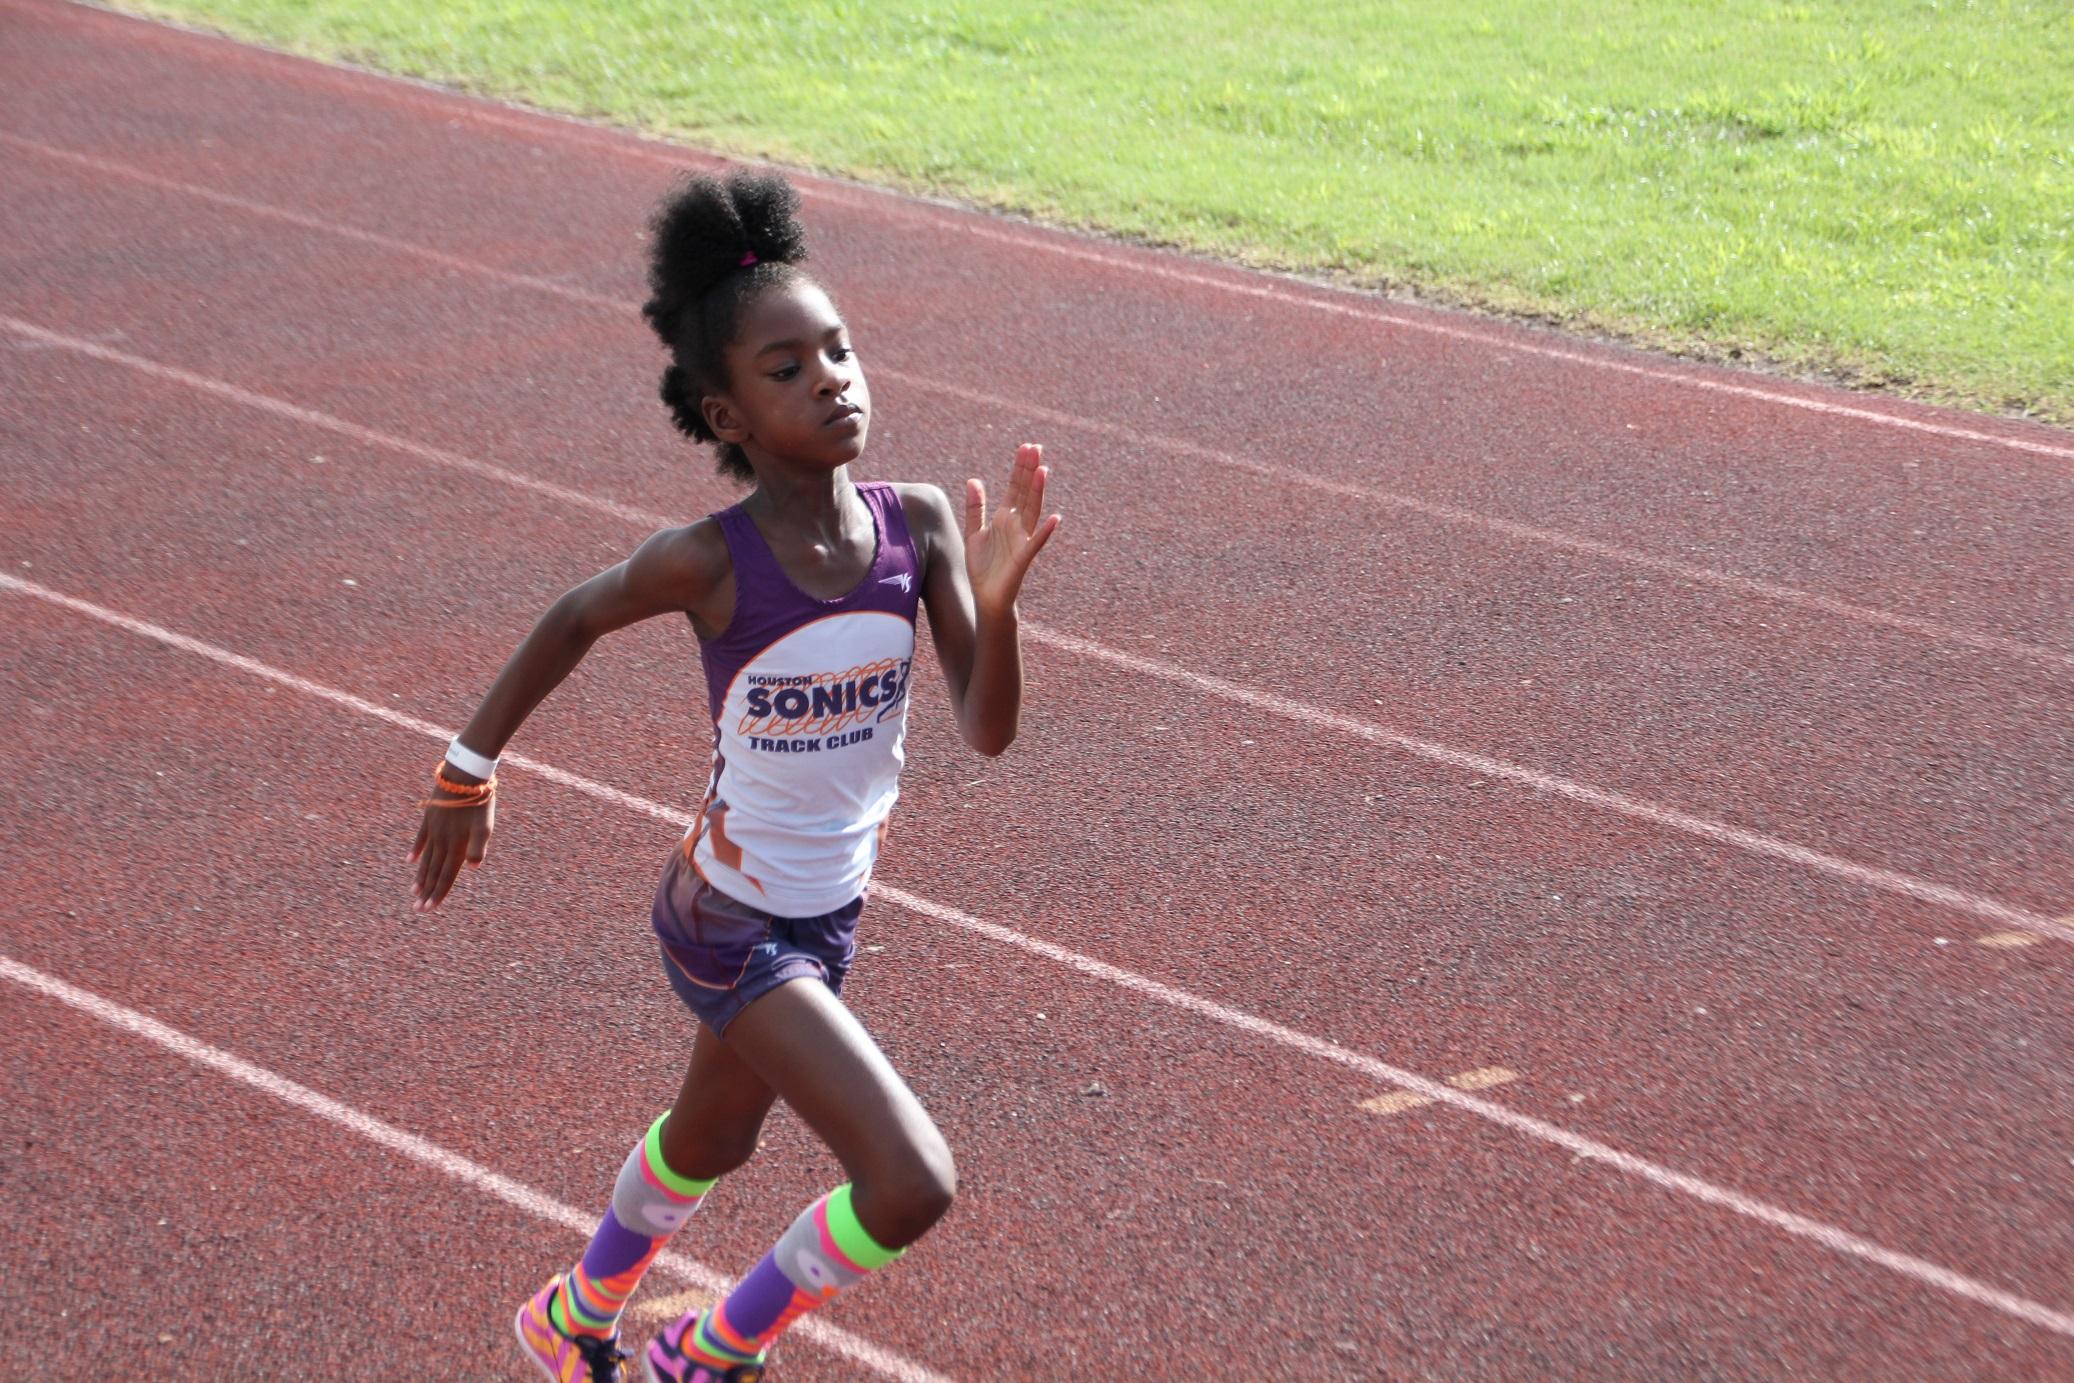 Tia running the 100m